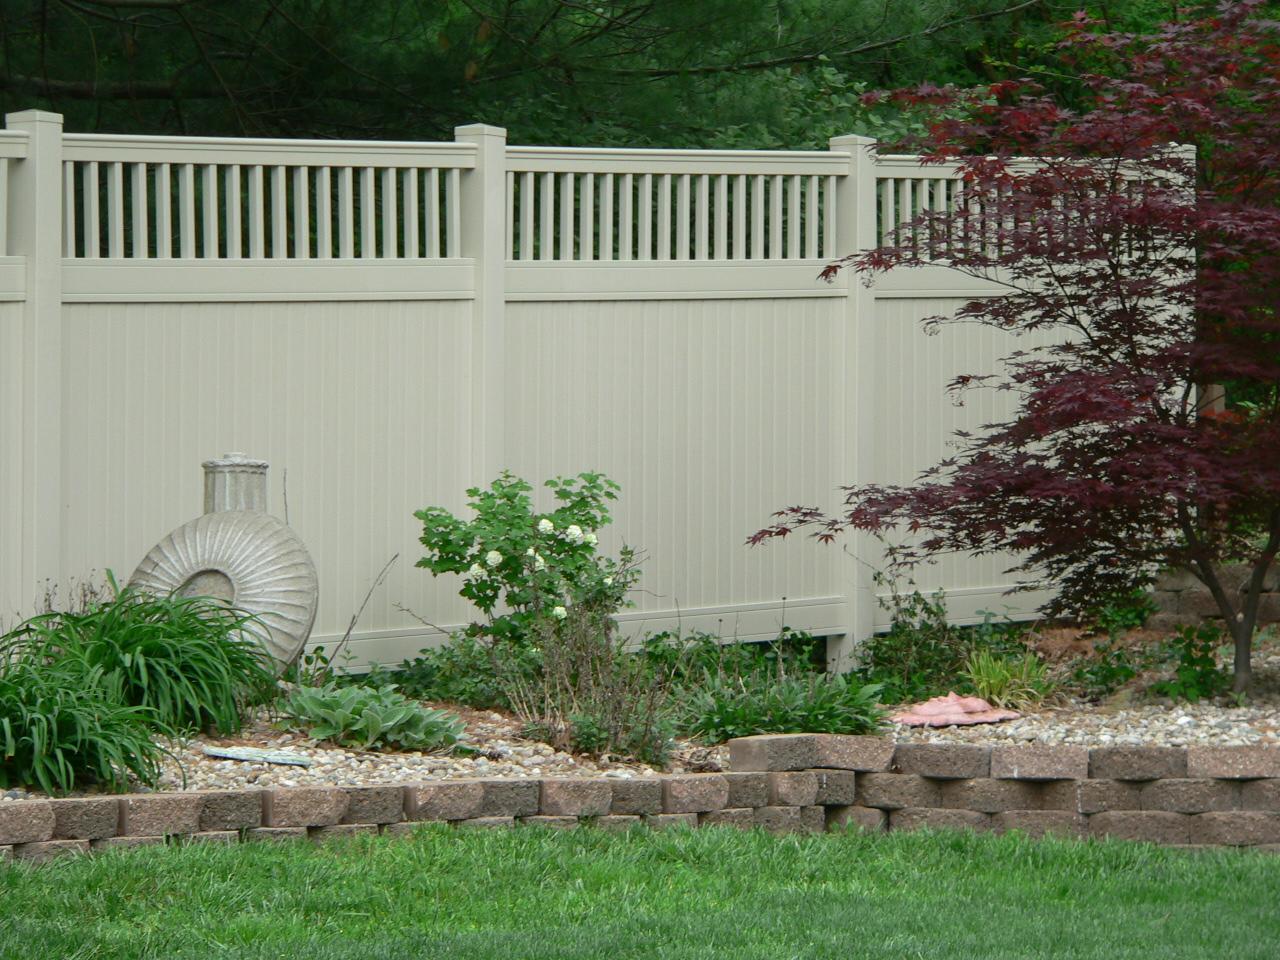 https://0201.nccdn.net/1_2/000/000/092/2d6/Fence-Master-114.jpg